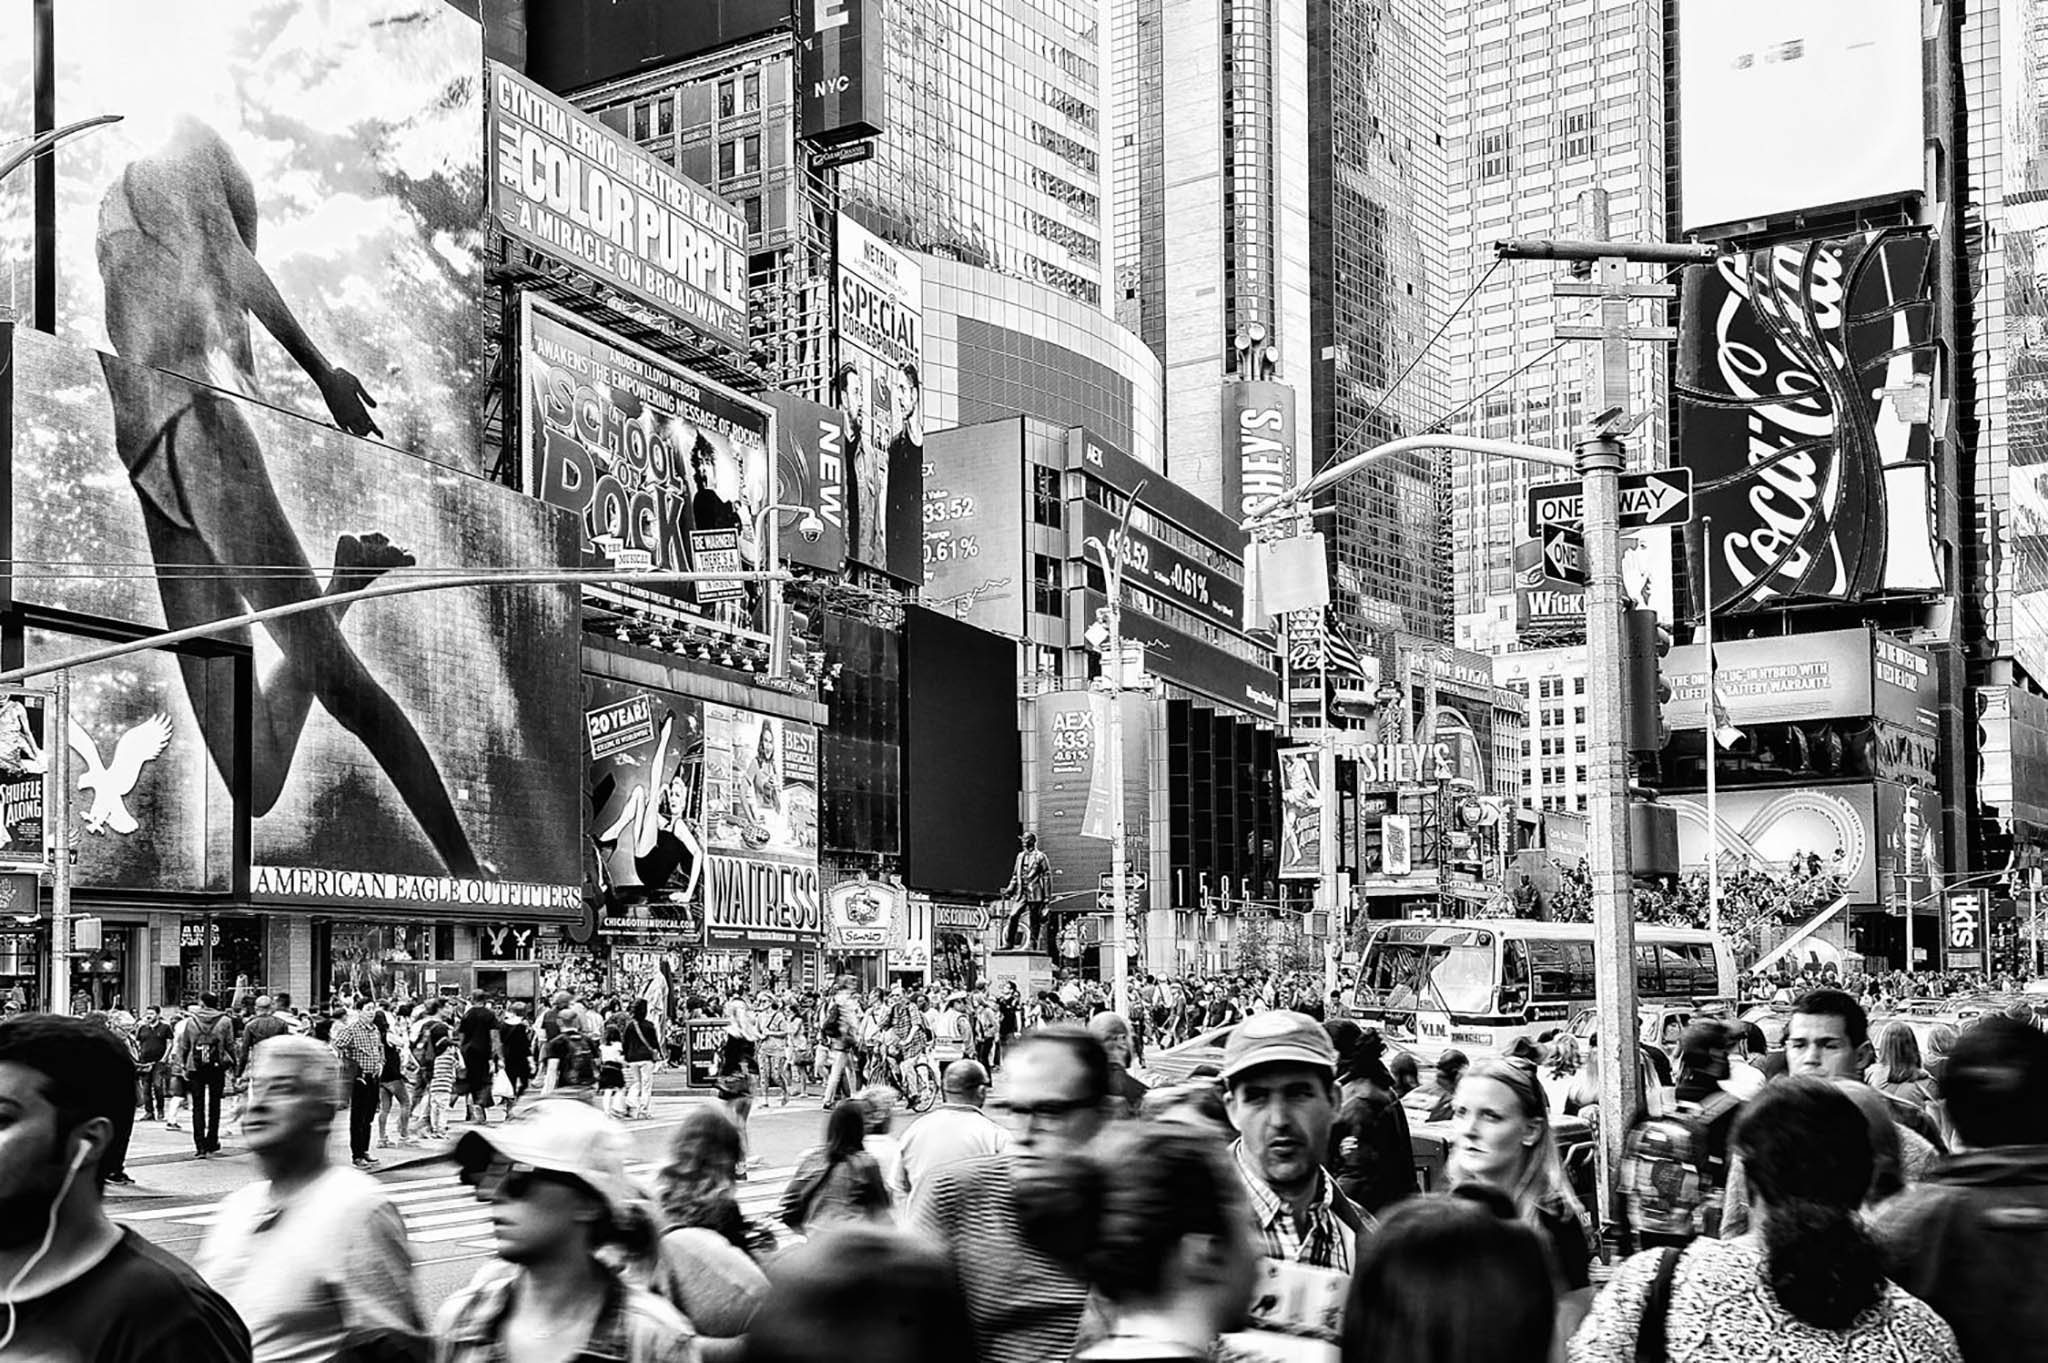 Times Square er et vildt sted at opholde sig. De visuelle og de audiovisuelle indtryk er massive og overvældende. Jeg forestiller mig, at det let kan blive for meget, og at man får trang til at flygte fra det. Som kvinden på den dobbelte bilboard. Bare lette og flyve væk fra det hele...